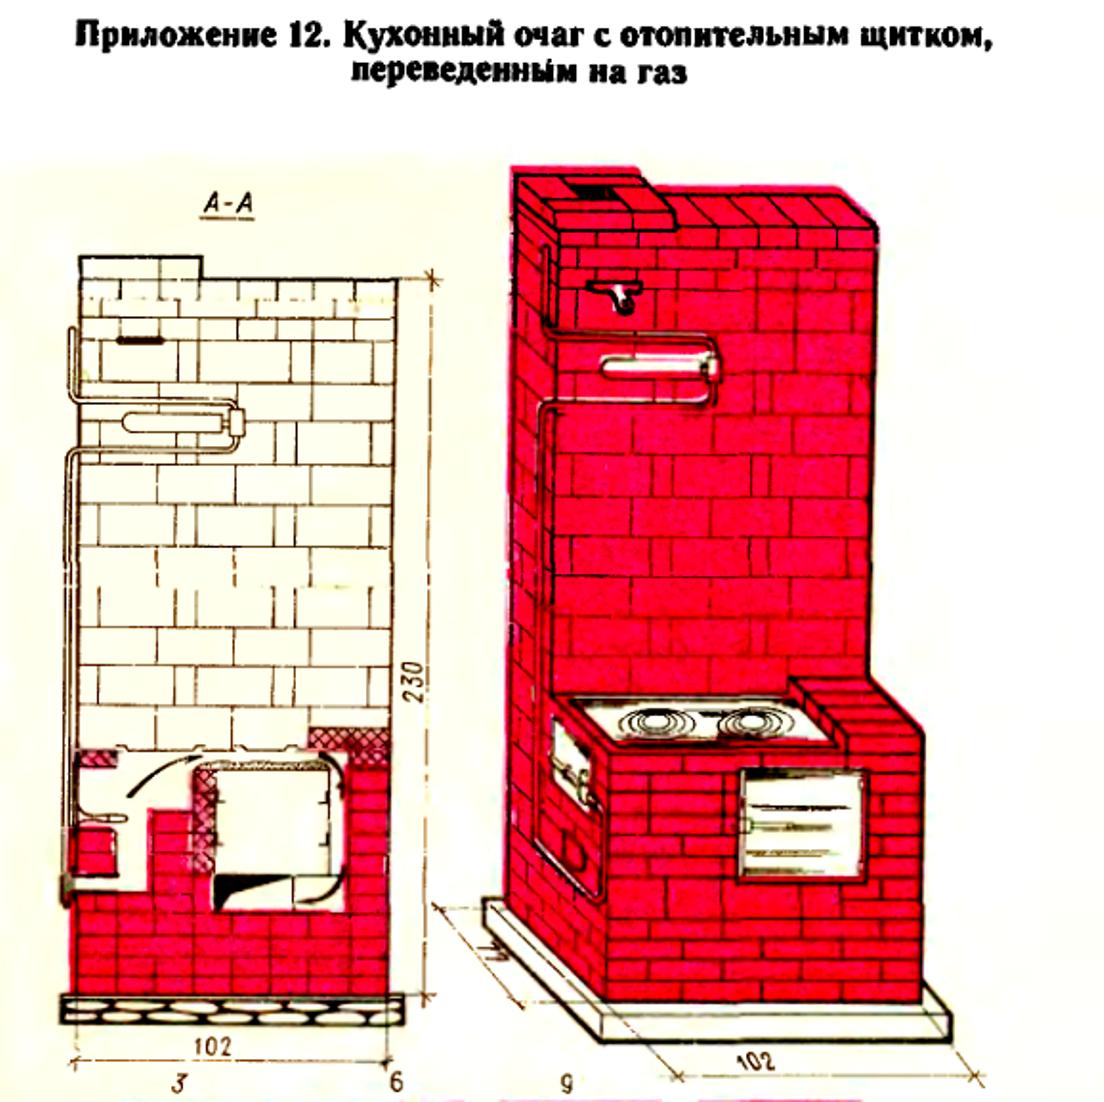 Как сложить русскую печь с лежанкой